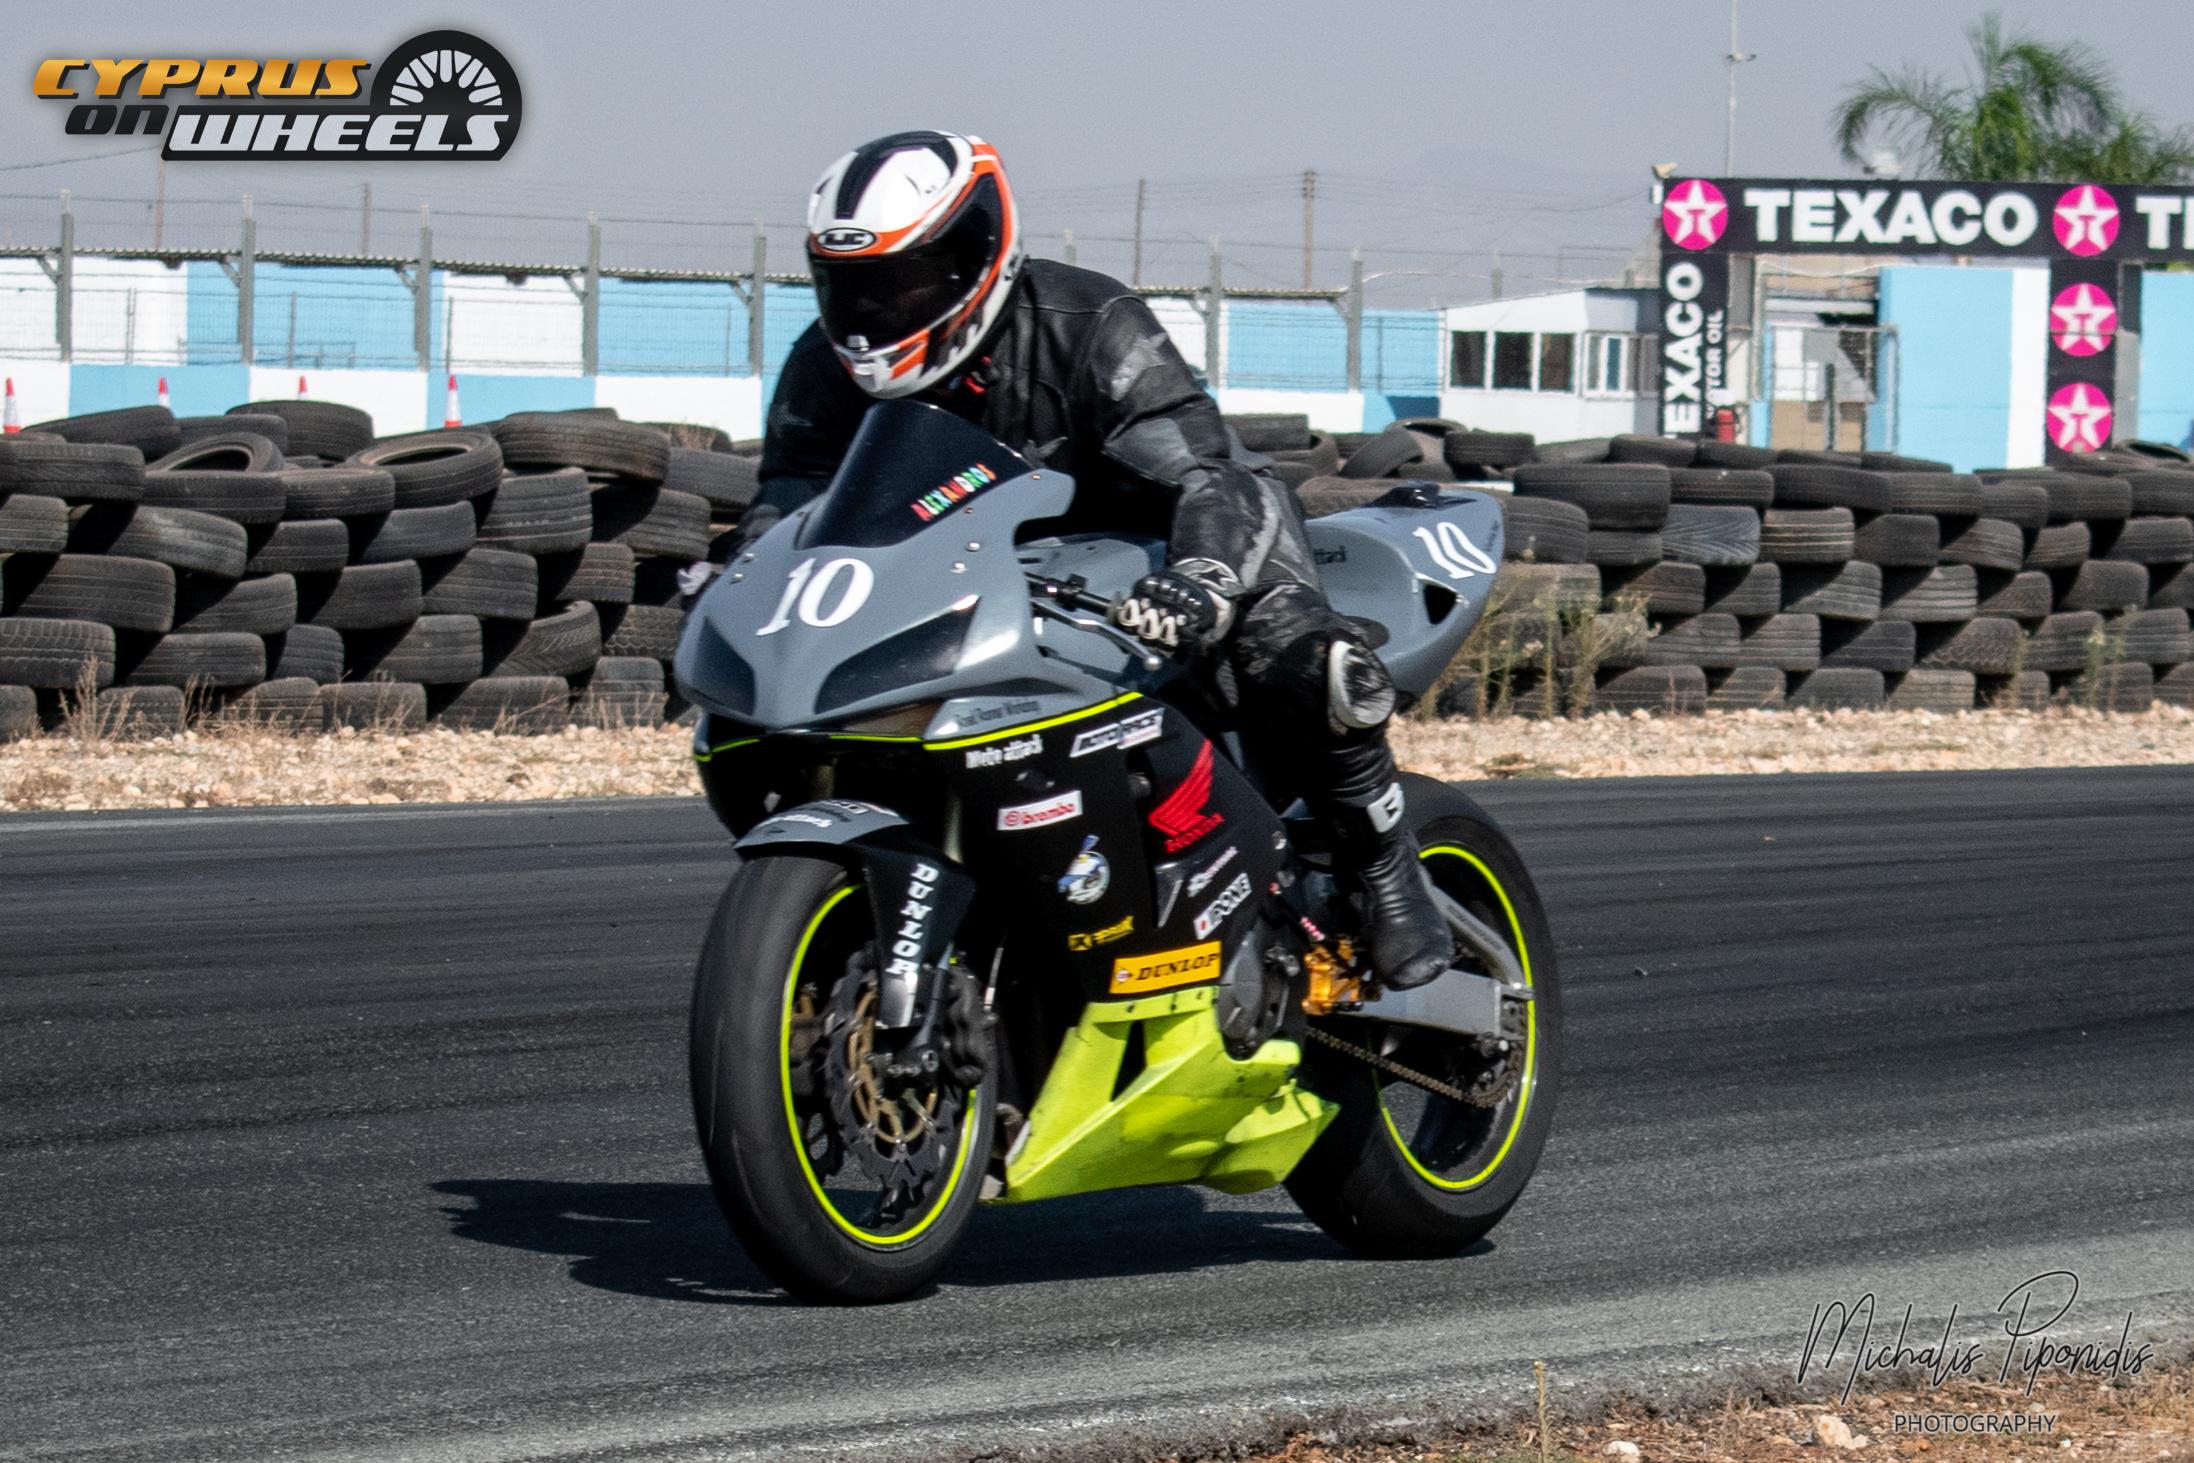 Honda Cbr speed race